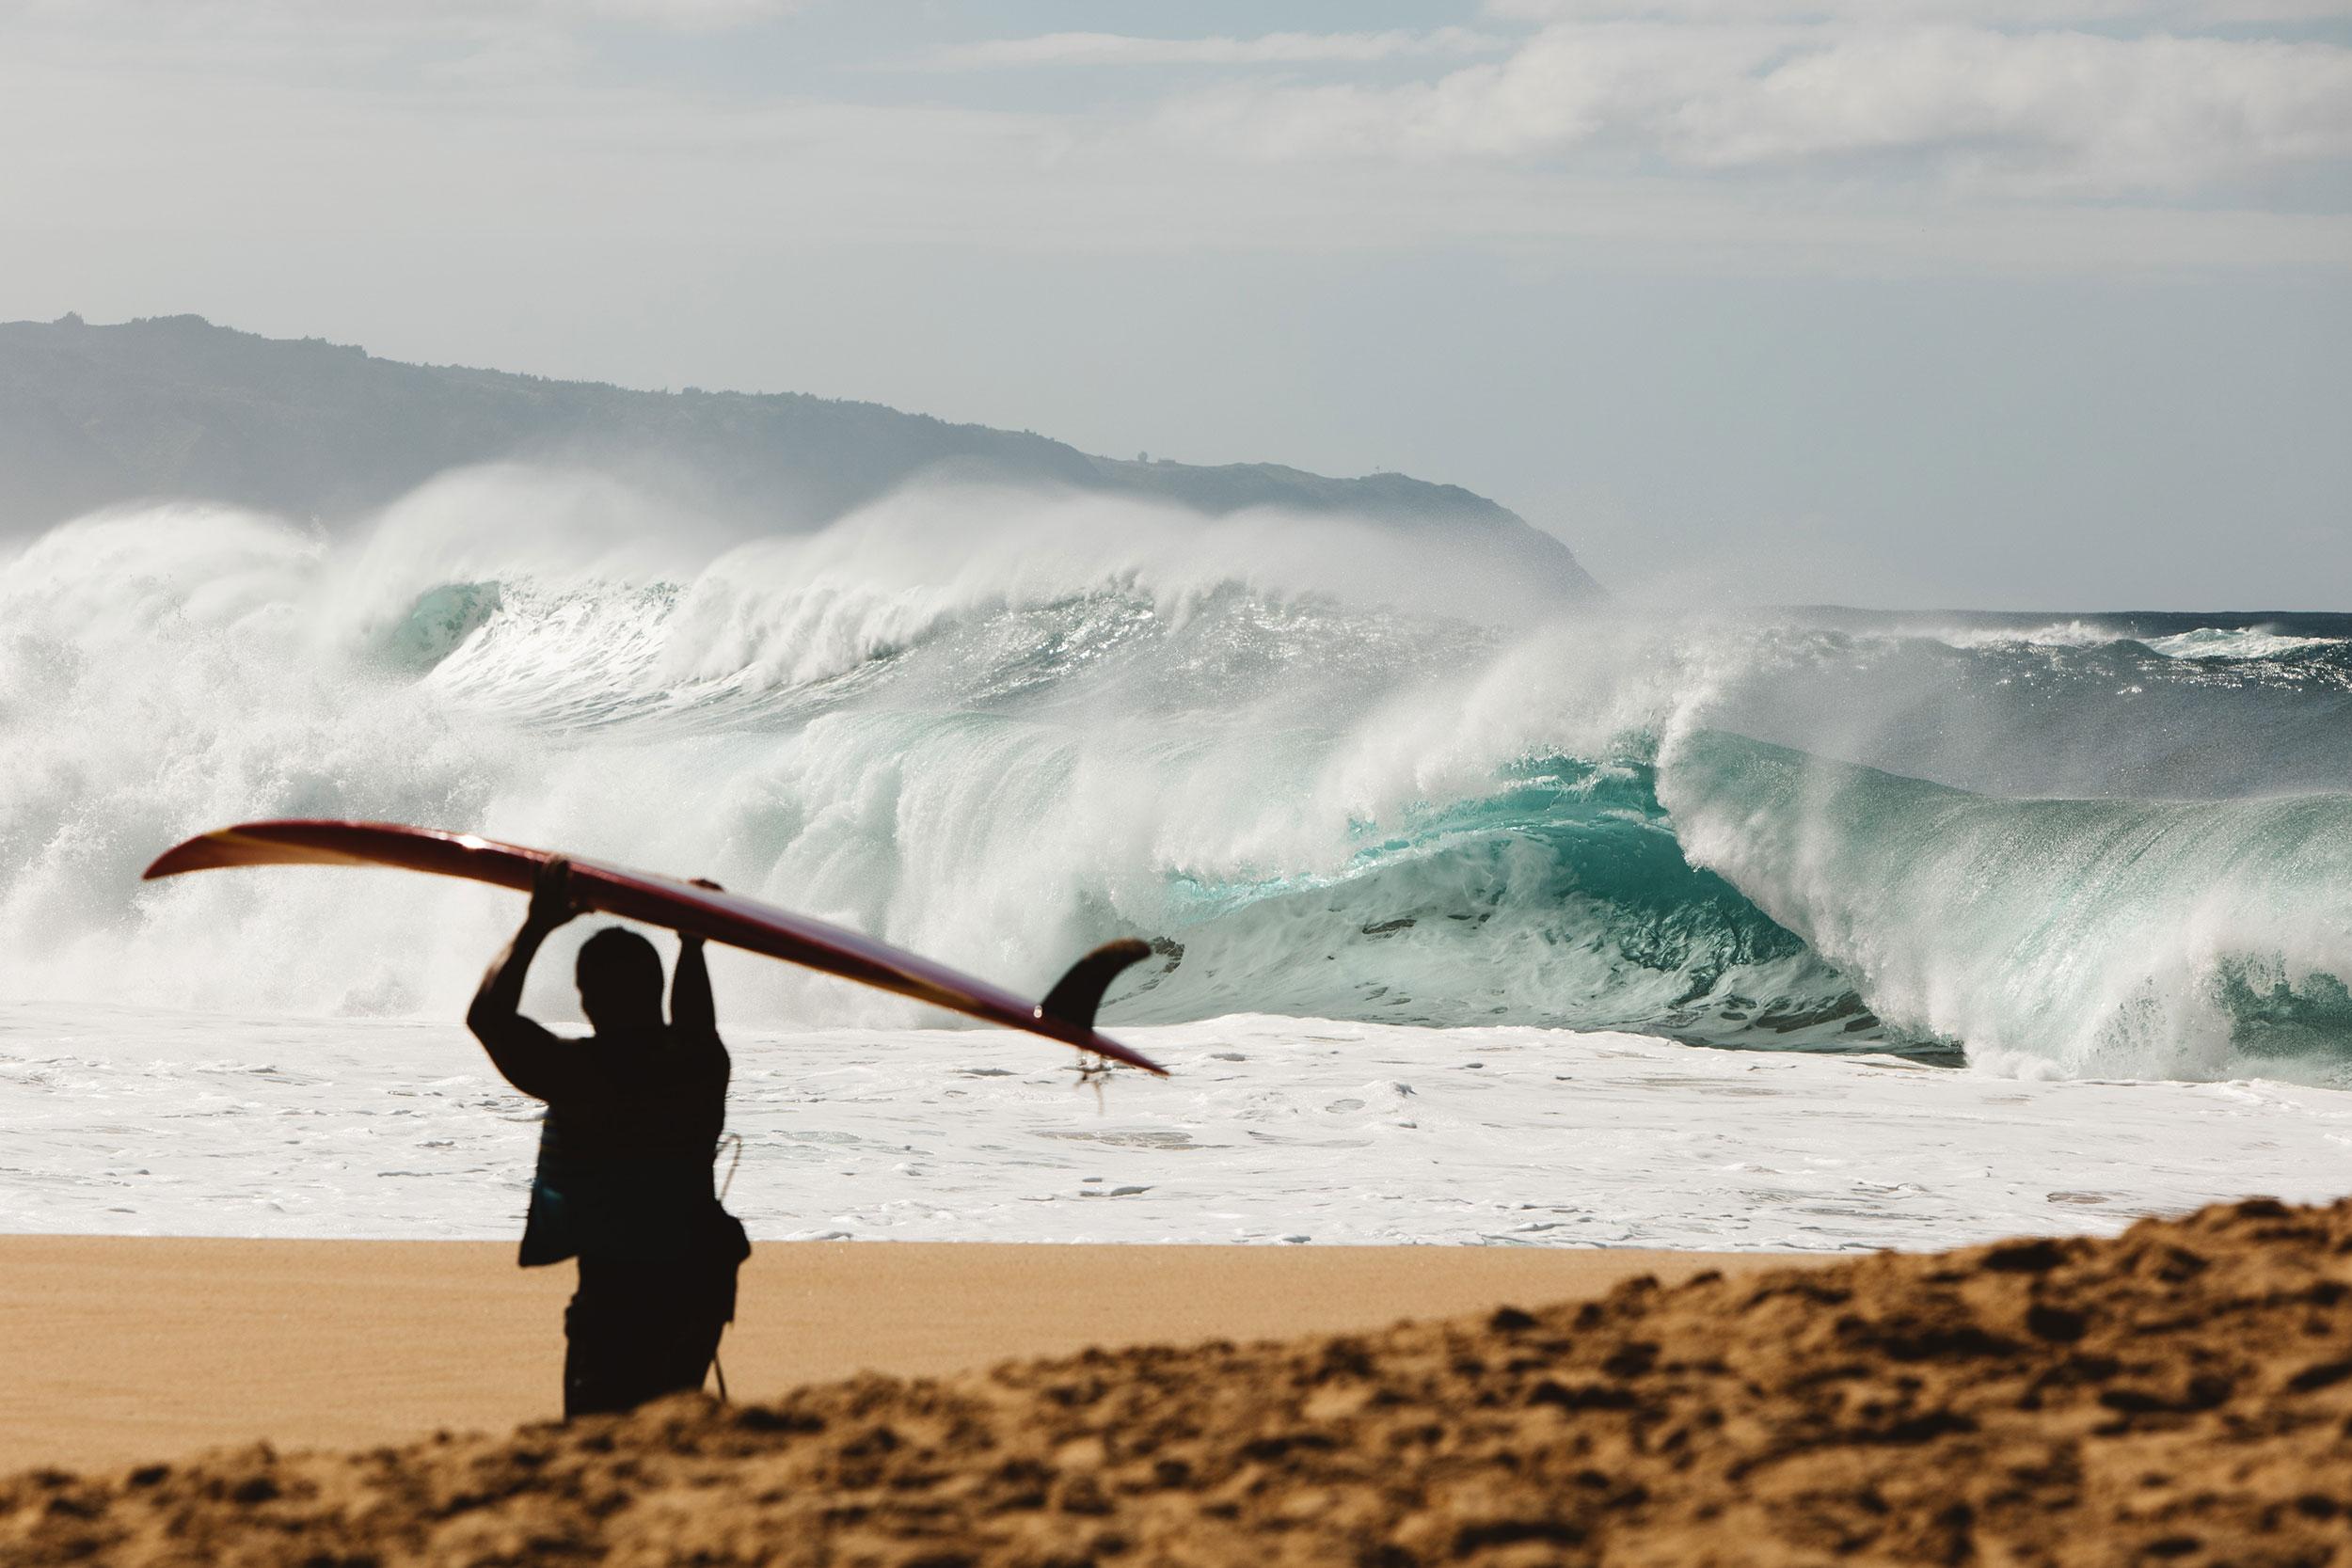 Waimea surfer 2016